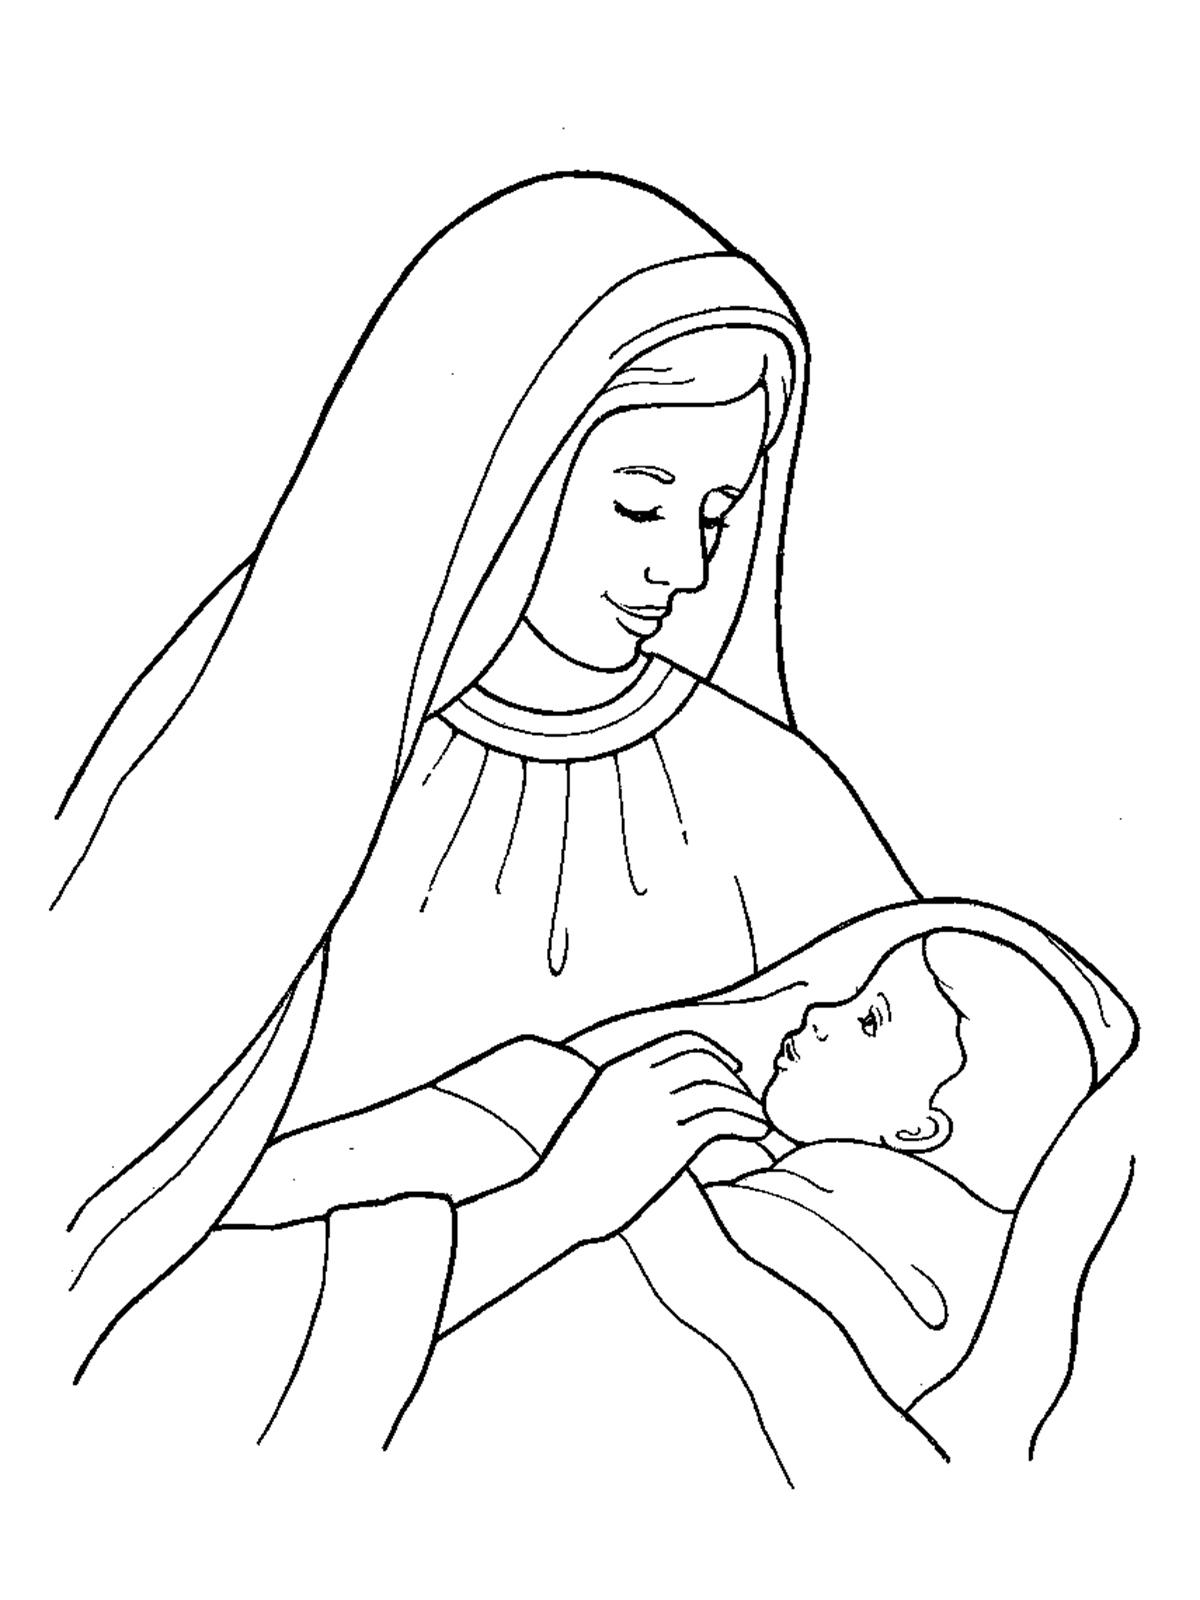 Simple Drawing Of Jesus At Getdrawings